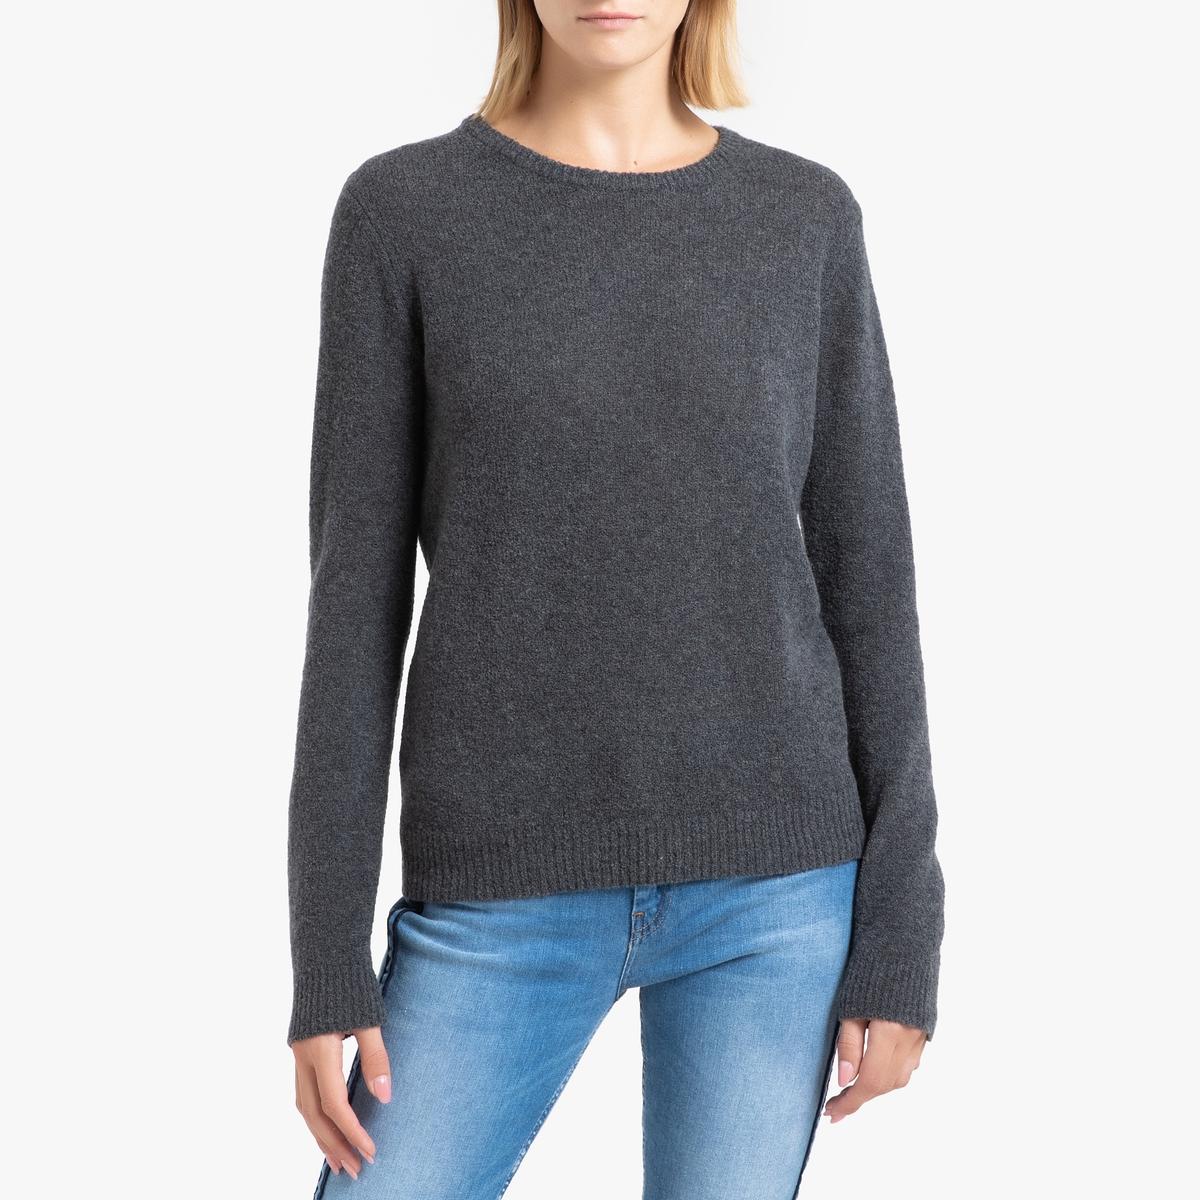 Пуловер La Redoute С круглым вырезом из тонкого трикотажа NANIBEACH M серый пуловер la redoute с круглым вырезом из тонкого трикотажа m красный